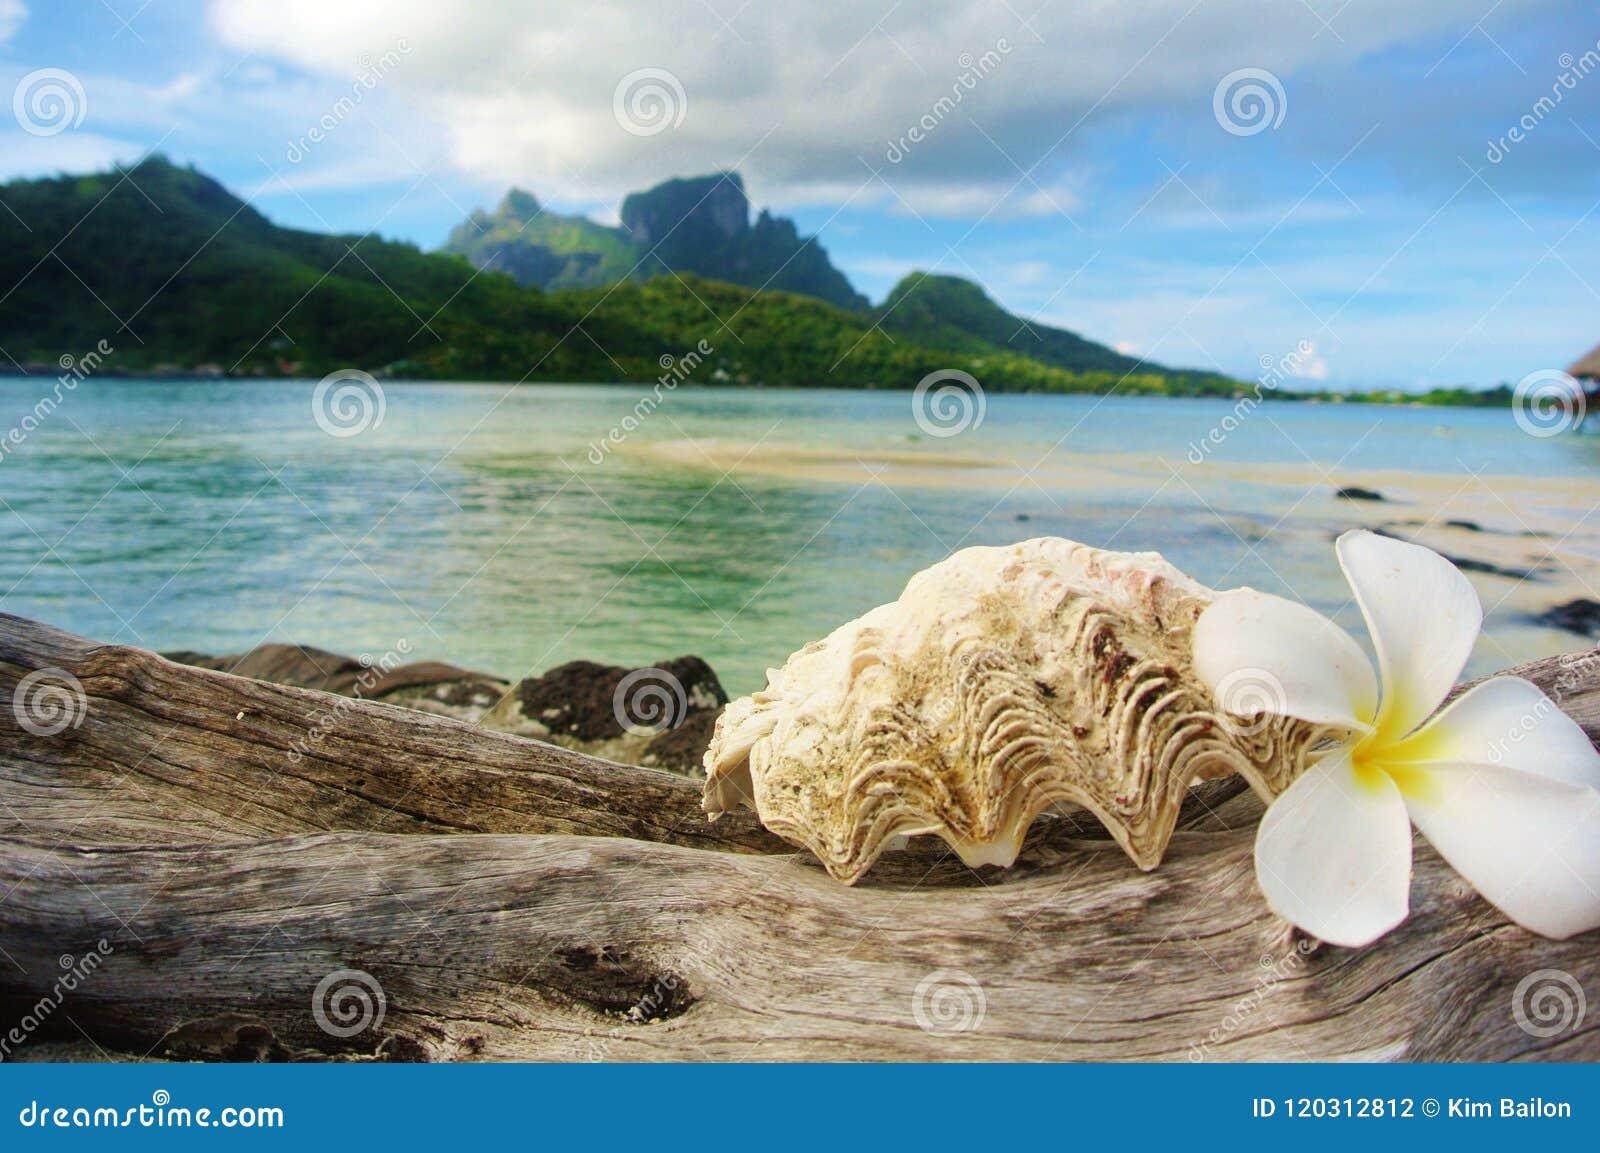 Bora Bora, concha marina y flor con el fondo de la montaña